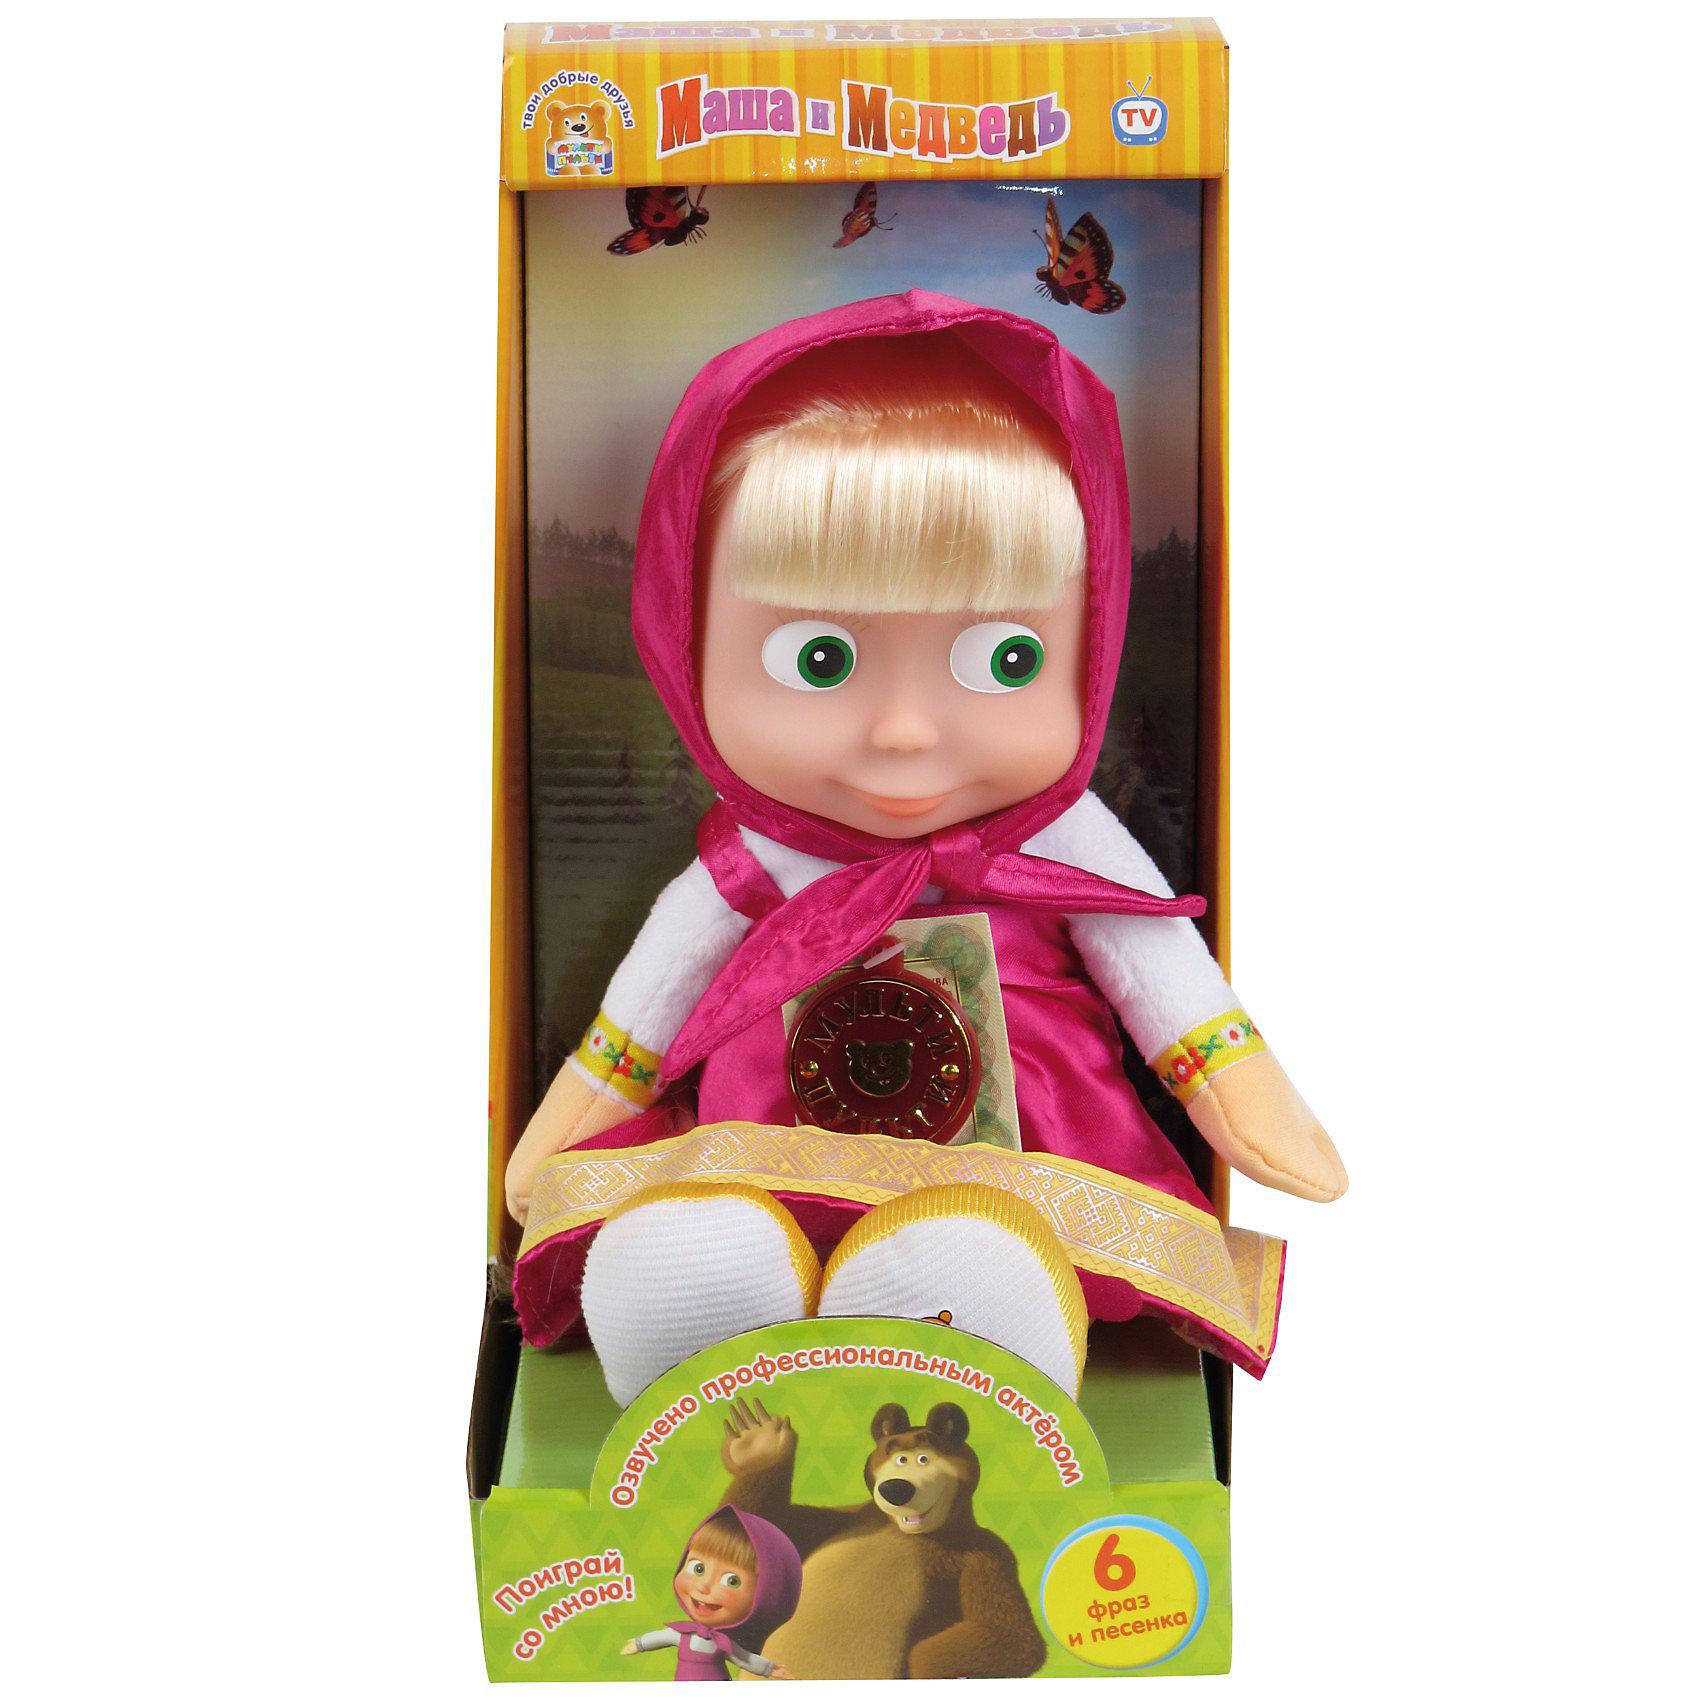 Мягкая кукла Маша,  29 см., МУЛЬТИ-ПУЛЬТИОзвученные мягкие игрушки<br>Мягкая кукла Маша от МУЛЬТИ-ПУЛЬТИ (м/ф Маша и Медведь) - в точности главная героиня всеми любимого детского мультсериала Маша и Медведь. Умеет разговаривать: Маша говорит смешные и обучающие фразы.<br><br>Маша - очень веселая маленькая девочка, которая обожает играть и шалить. Немножко вредная. Но умеет дружить и ценить дружбу.<br><br>Дополнительная информация:<br><br>- Высота: 29 см.<br>- Озвученная руссифицированная игрушка.<br>- Материалы: текстиль, пластик.<br>- Упаковка: красочная картонная упаковка<br><br>Ширина мм: 17<br>Глубина мм: 14<br>Высота мм: 29<br>Вес г: 580<br>Возраст от месяцев: 36<br>Возраст до месяцев: 120<br>Пол: Женский<br>Возраст: Детский<br>SKU: 2616365